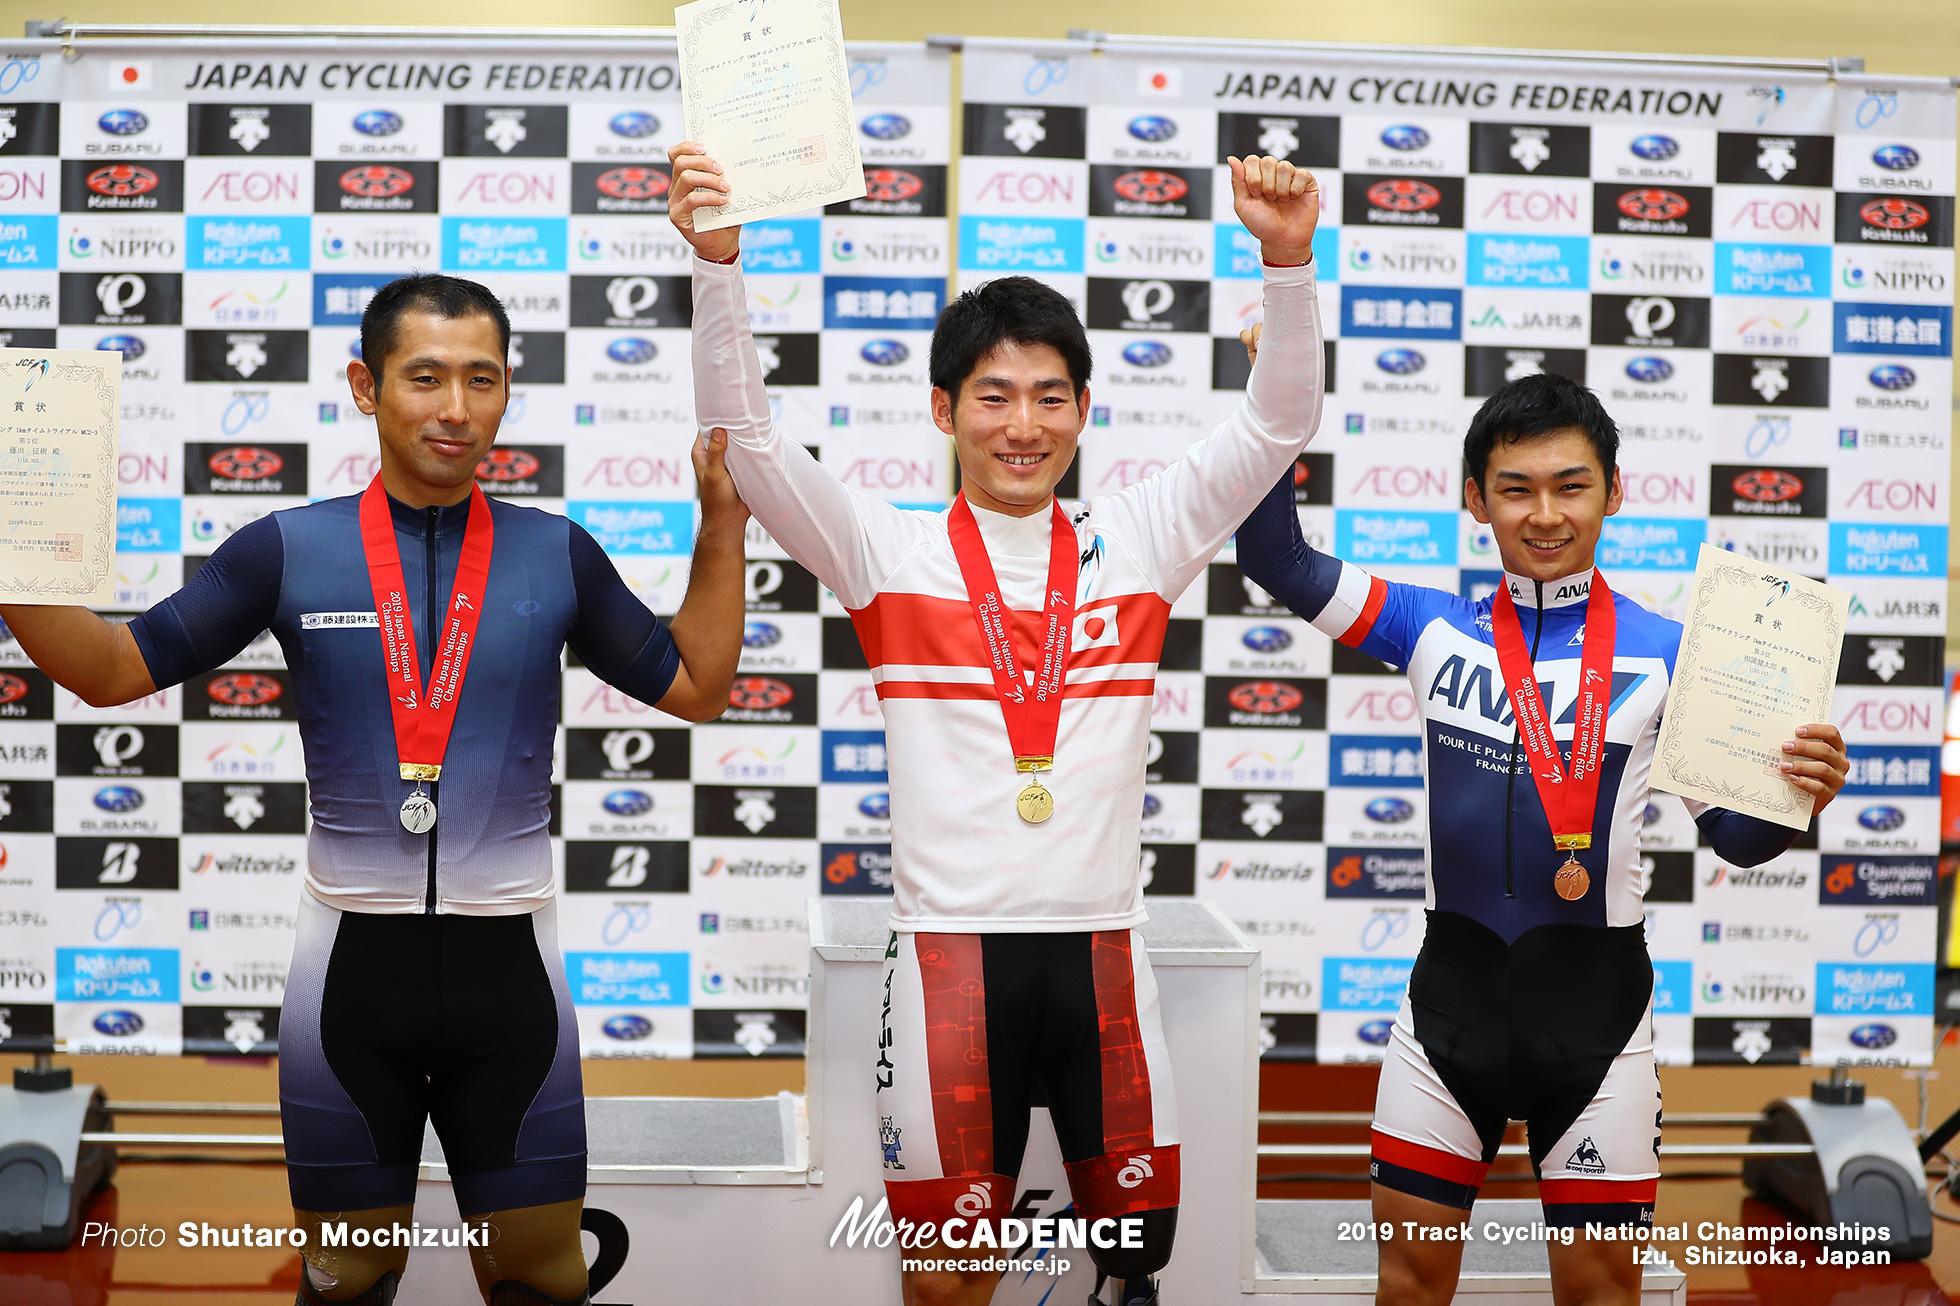 2019全日本パラサイクリング選手権